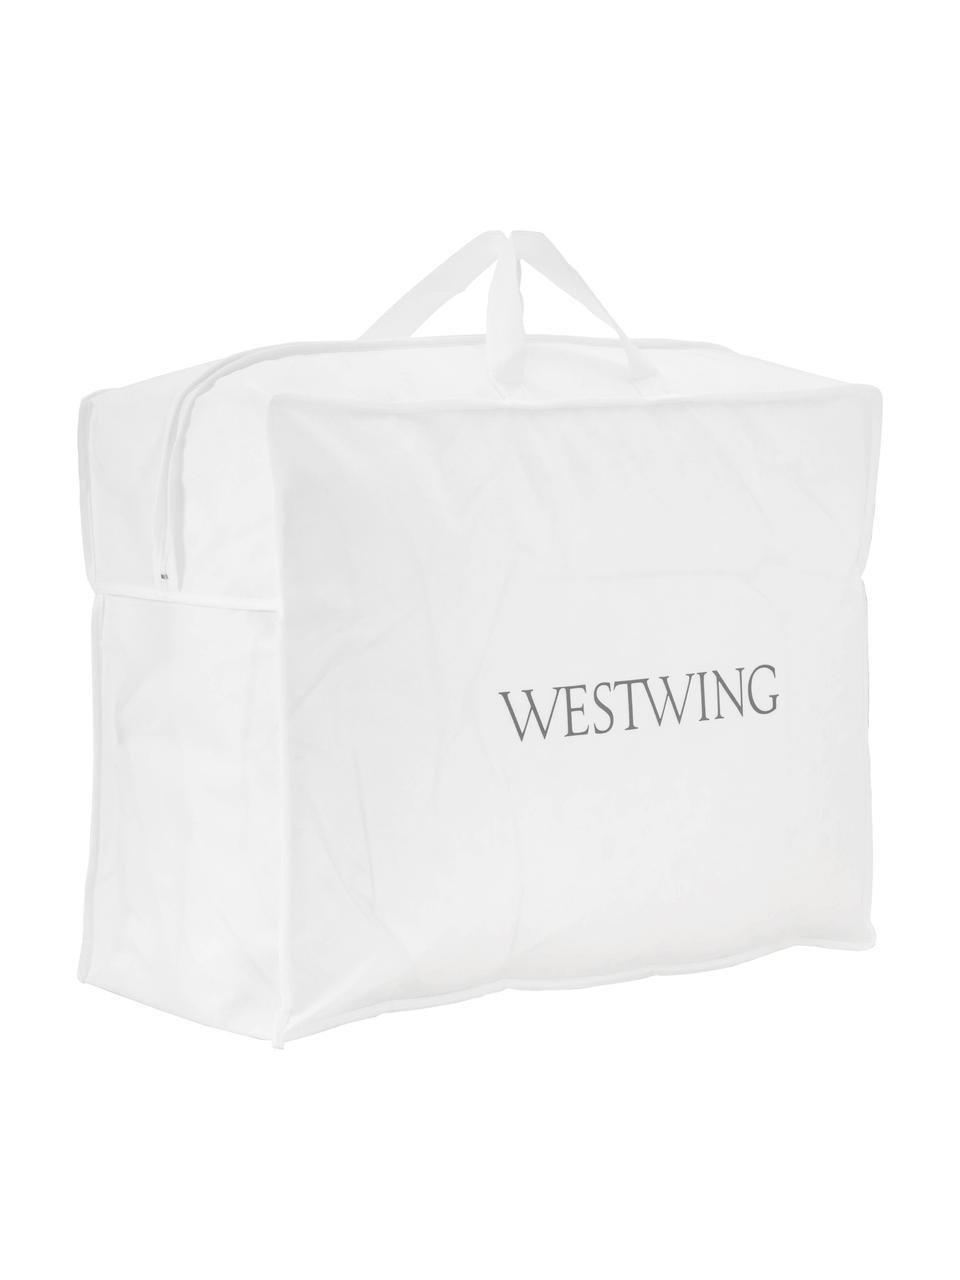 Daunen-Bettdecke Comfort, extra warm, Hülle: 100% Baumwolle, feine Mak, Weiß, 135 x 200 cm